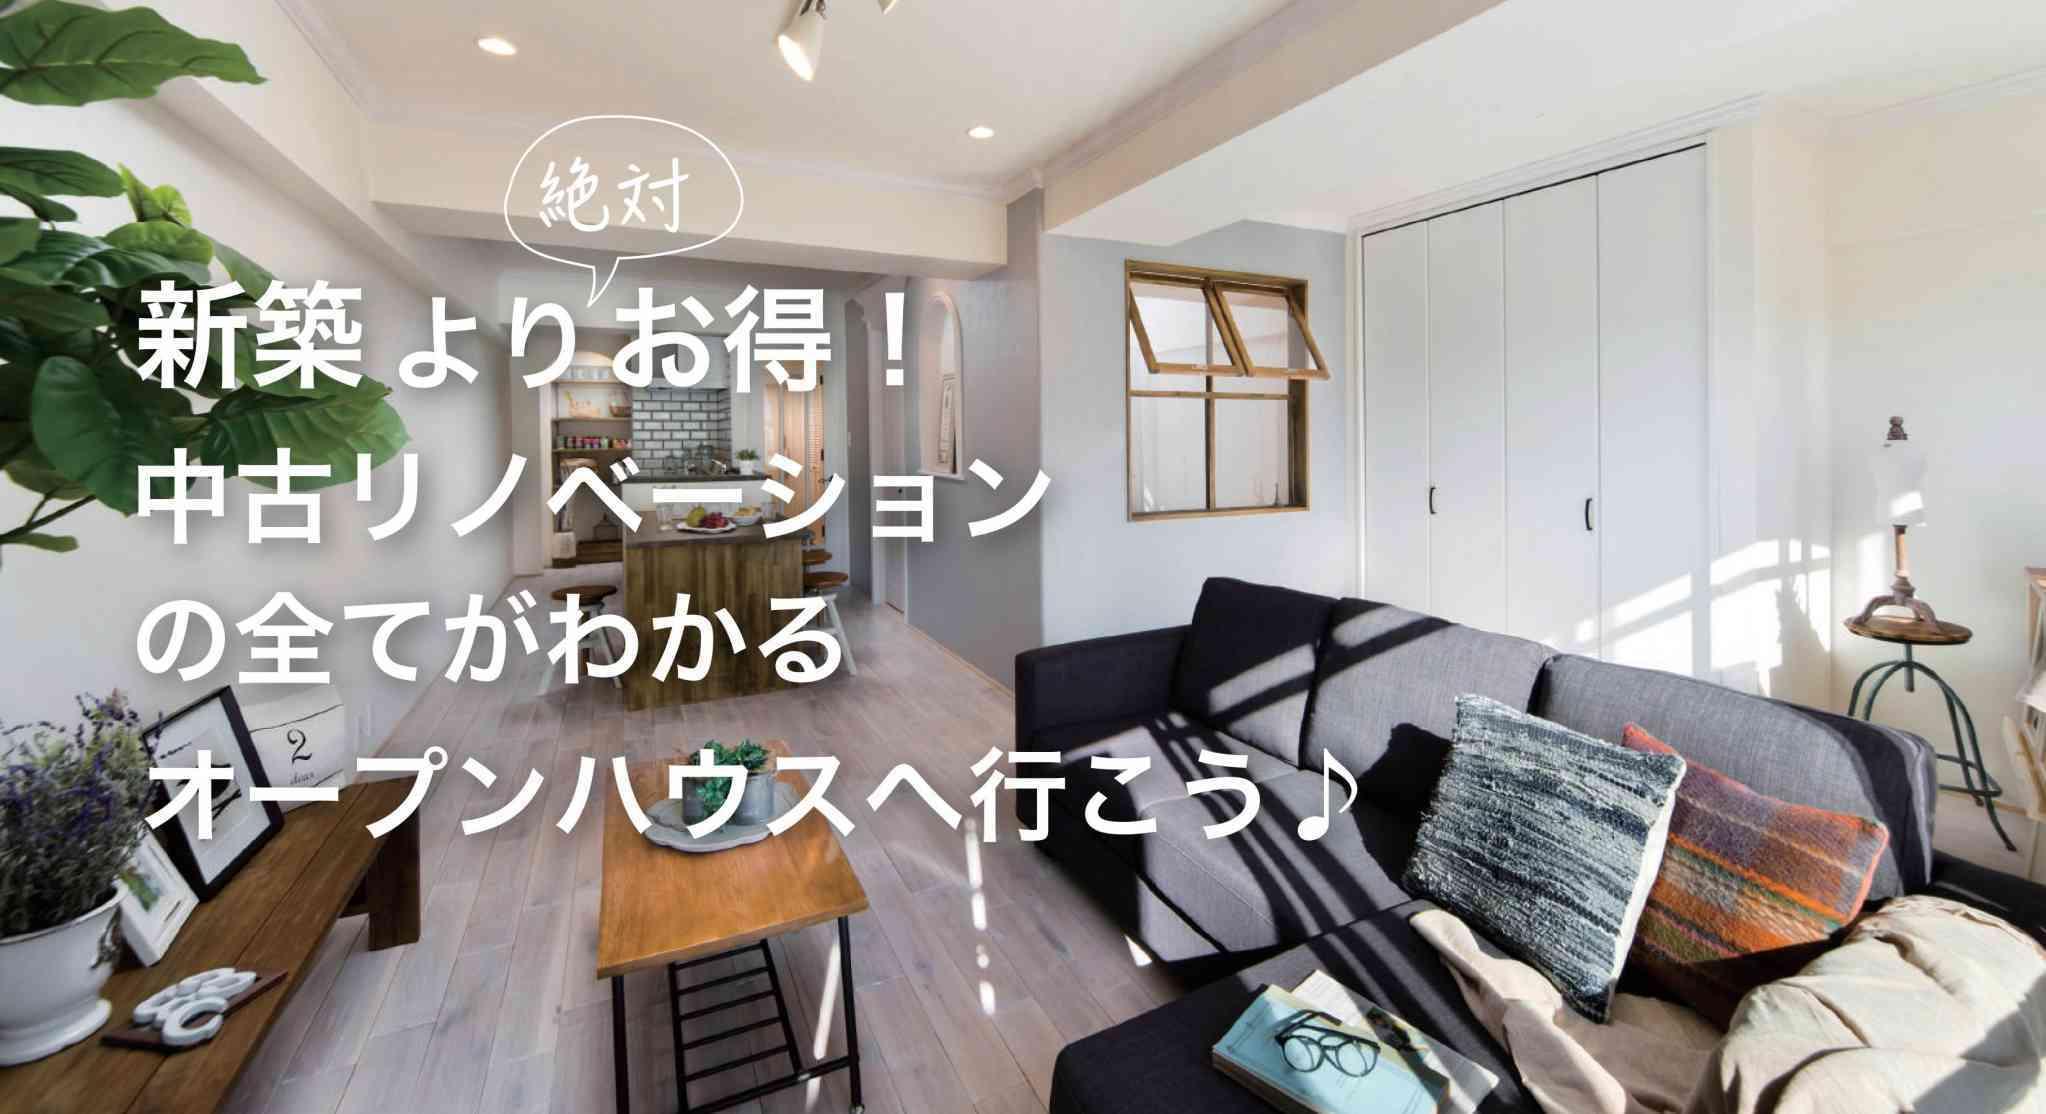 ◇◆オープンハウス in シャトレー刈谷ウィング西館◆◇